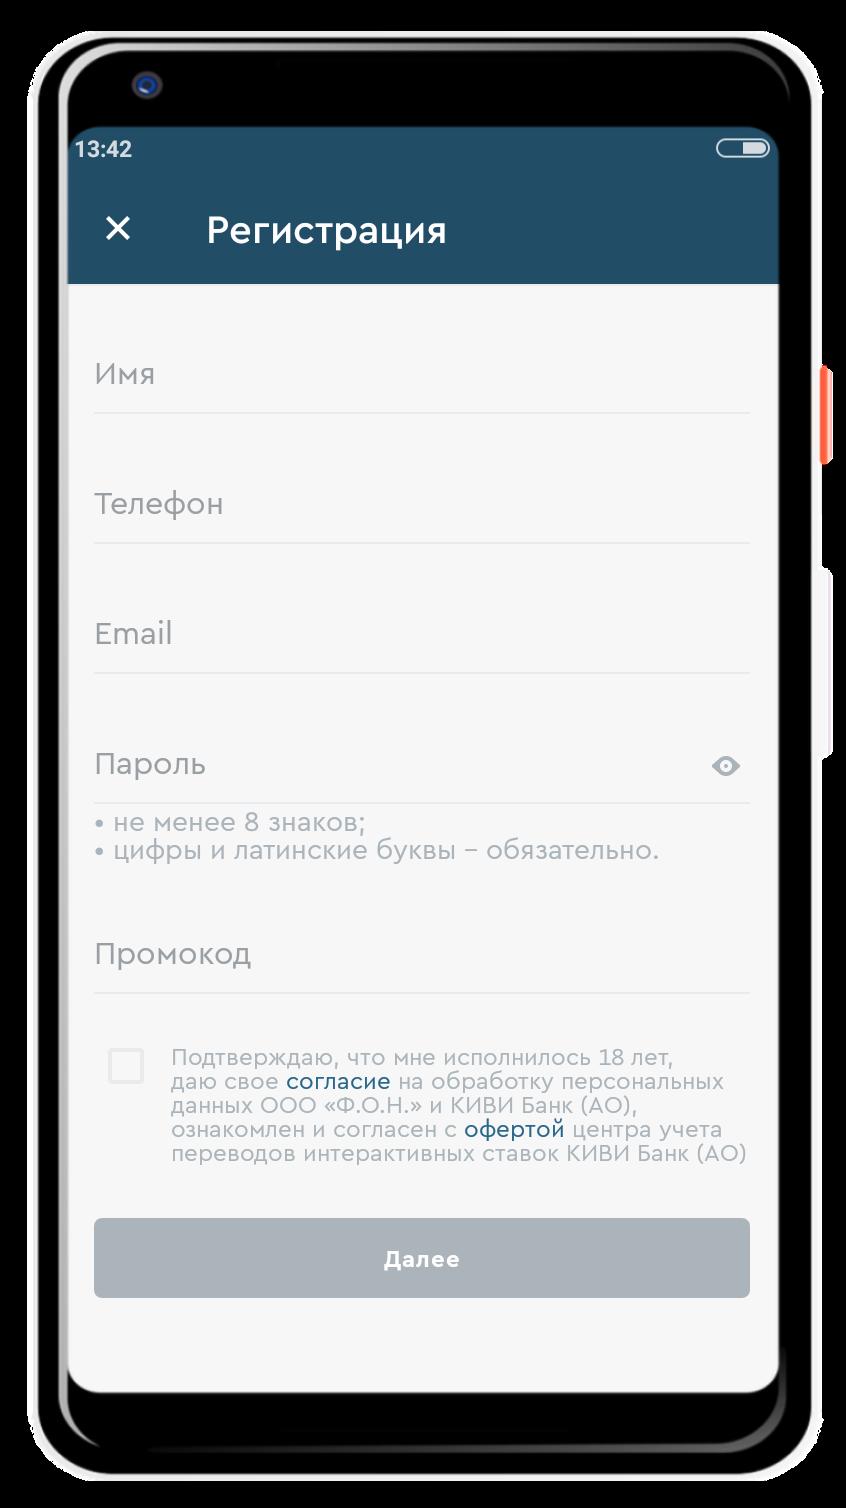 регистрация на андроид в фонбет